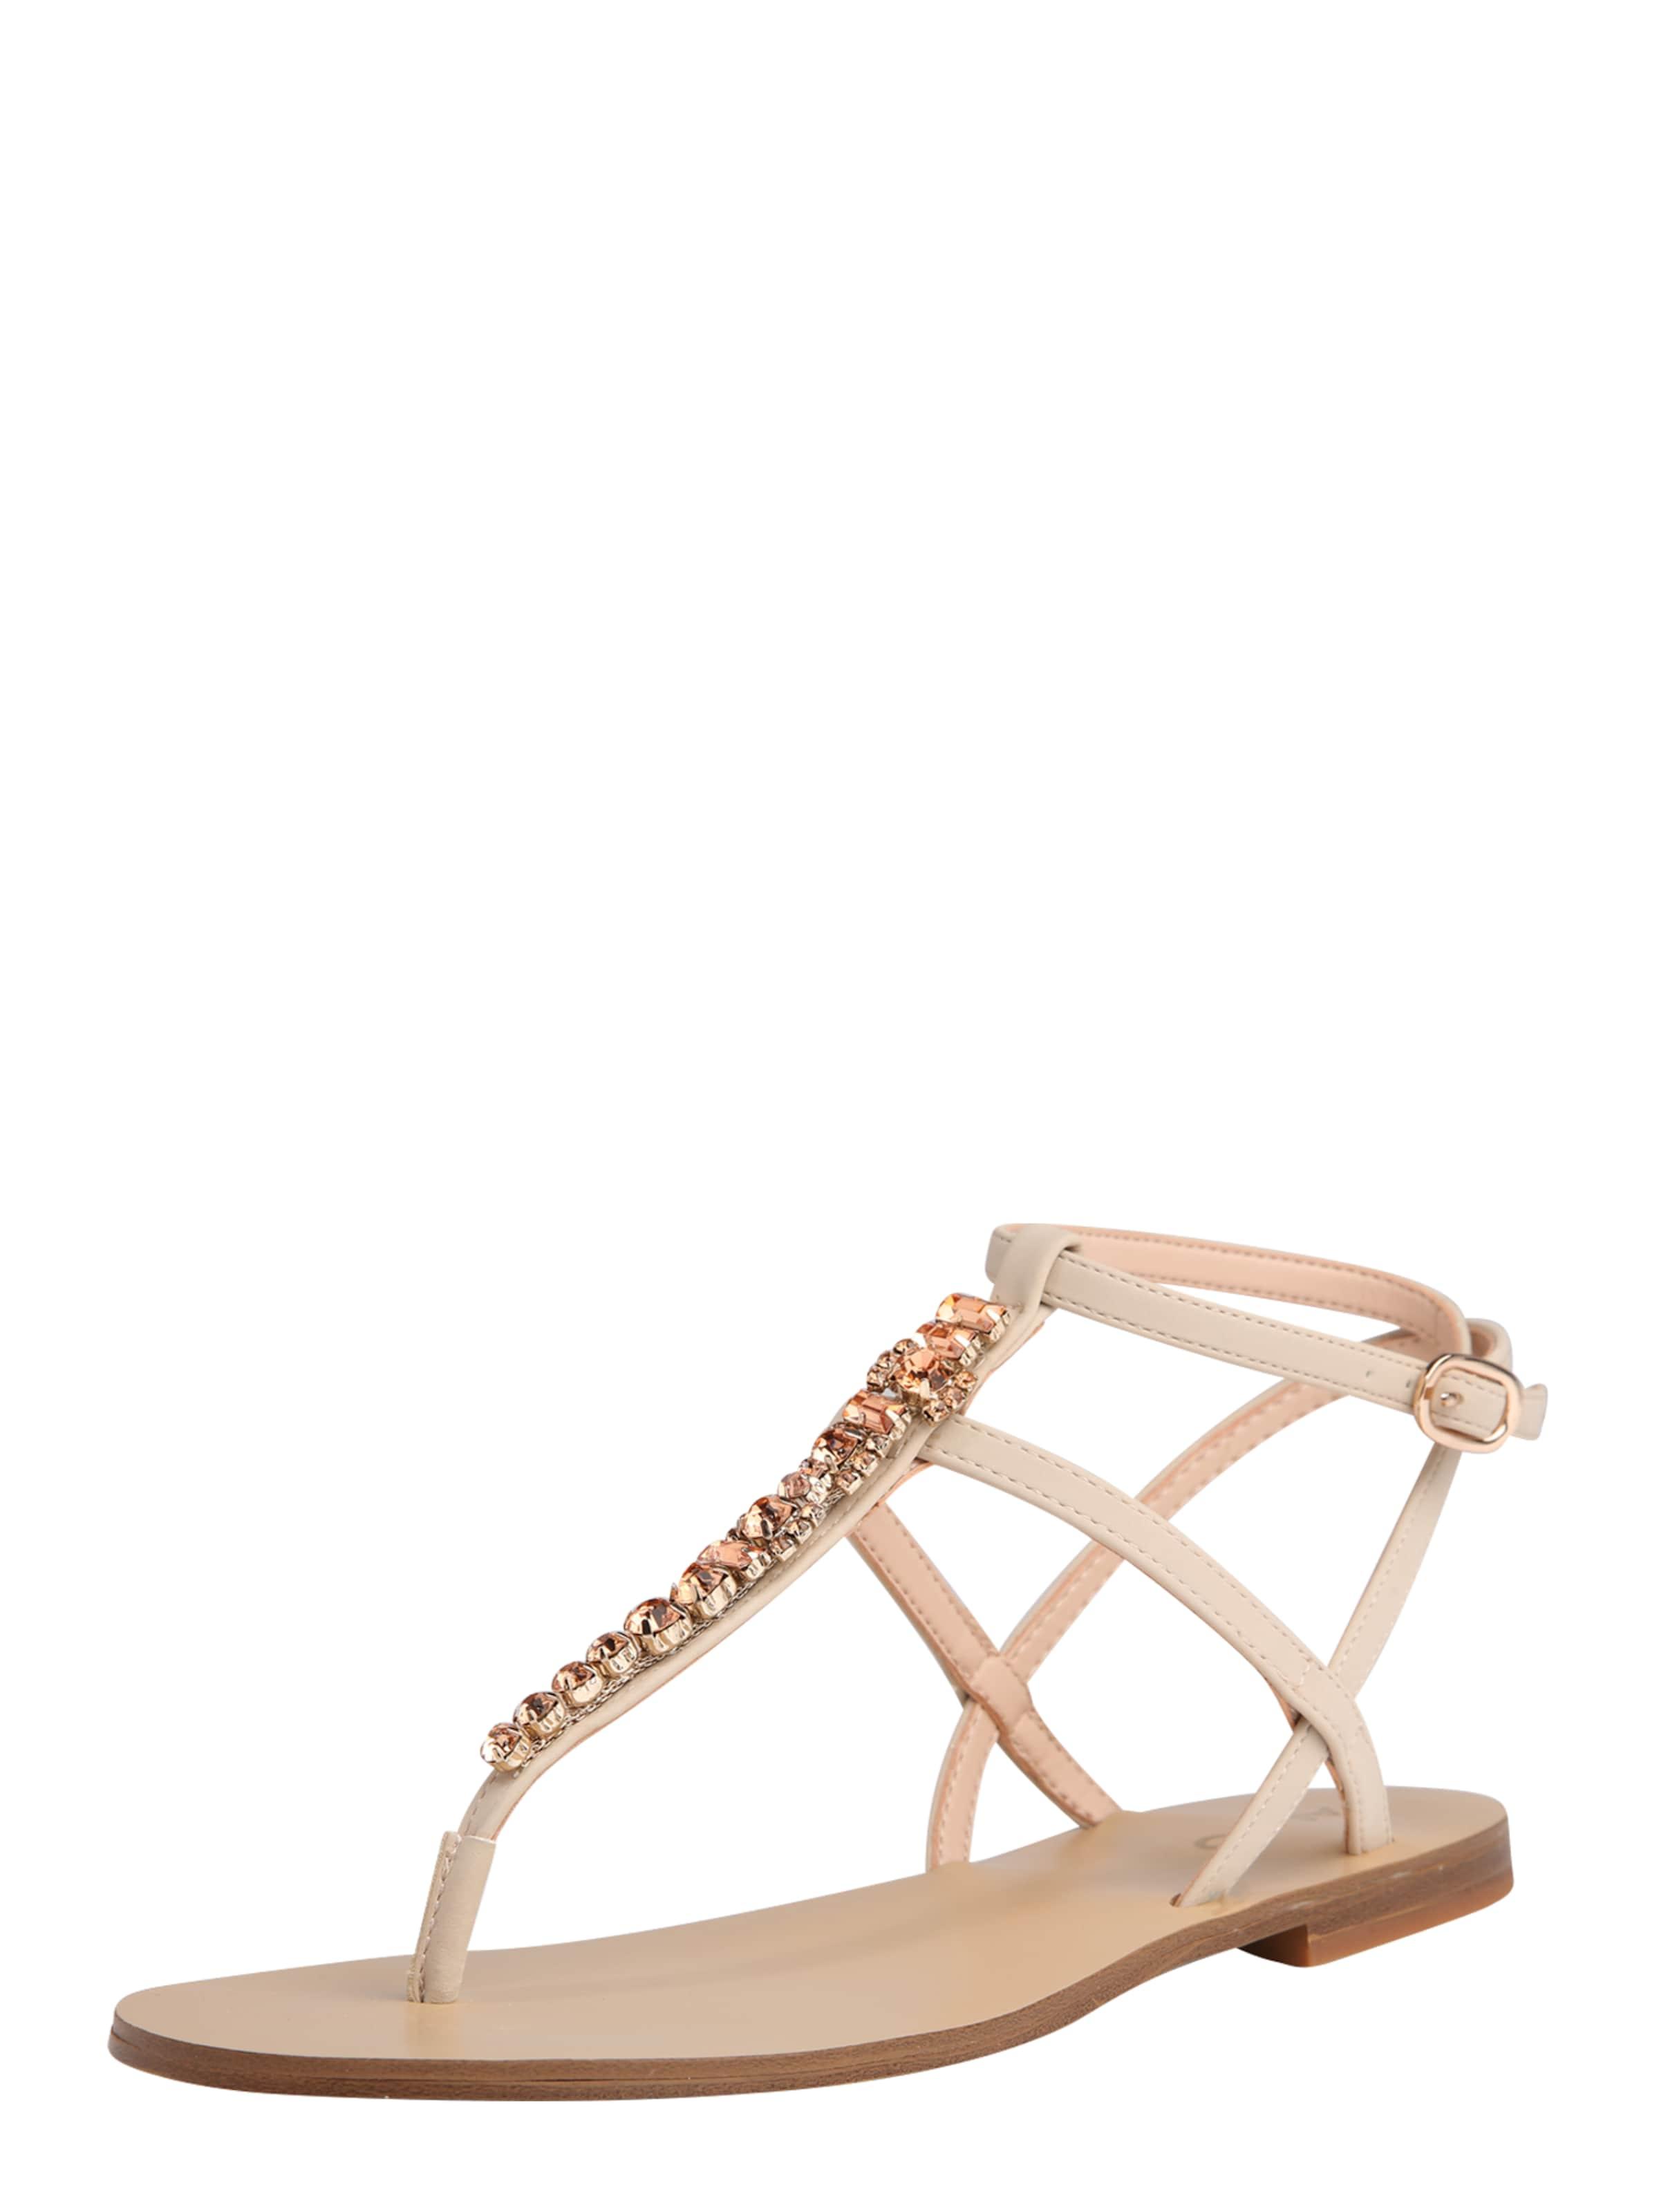 ALDO Riemensandale WHITWELL Verschleißfeste billige Schuhe